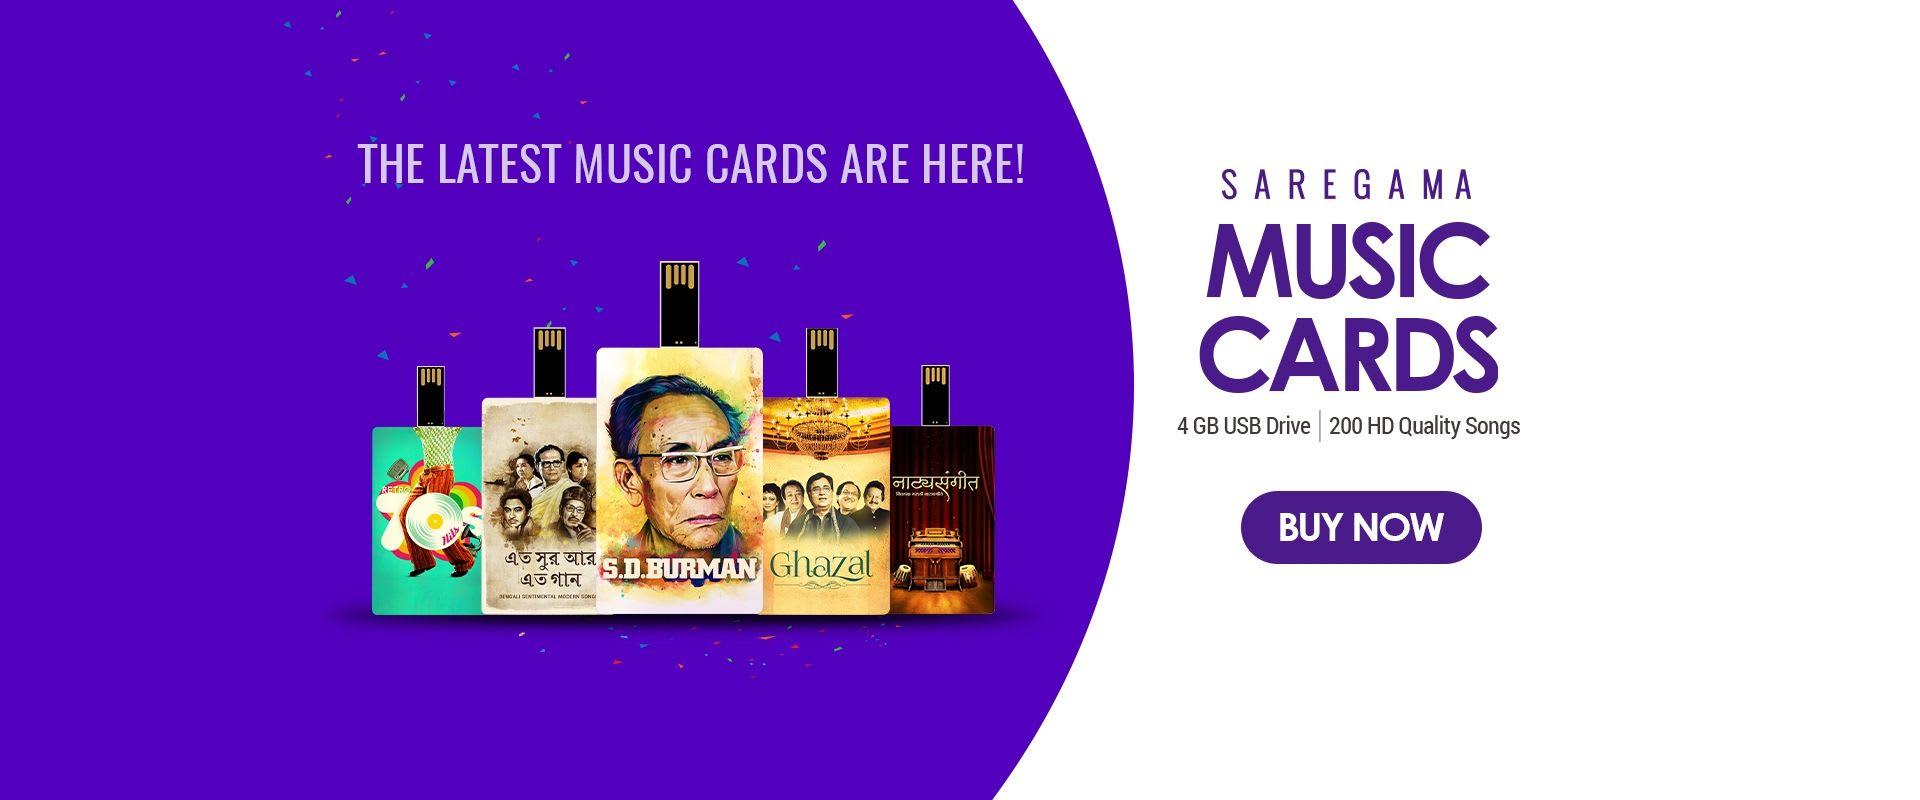 Music Card - 200 Songs, 50 + Artiste